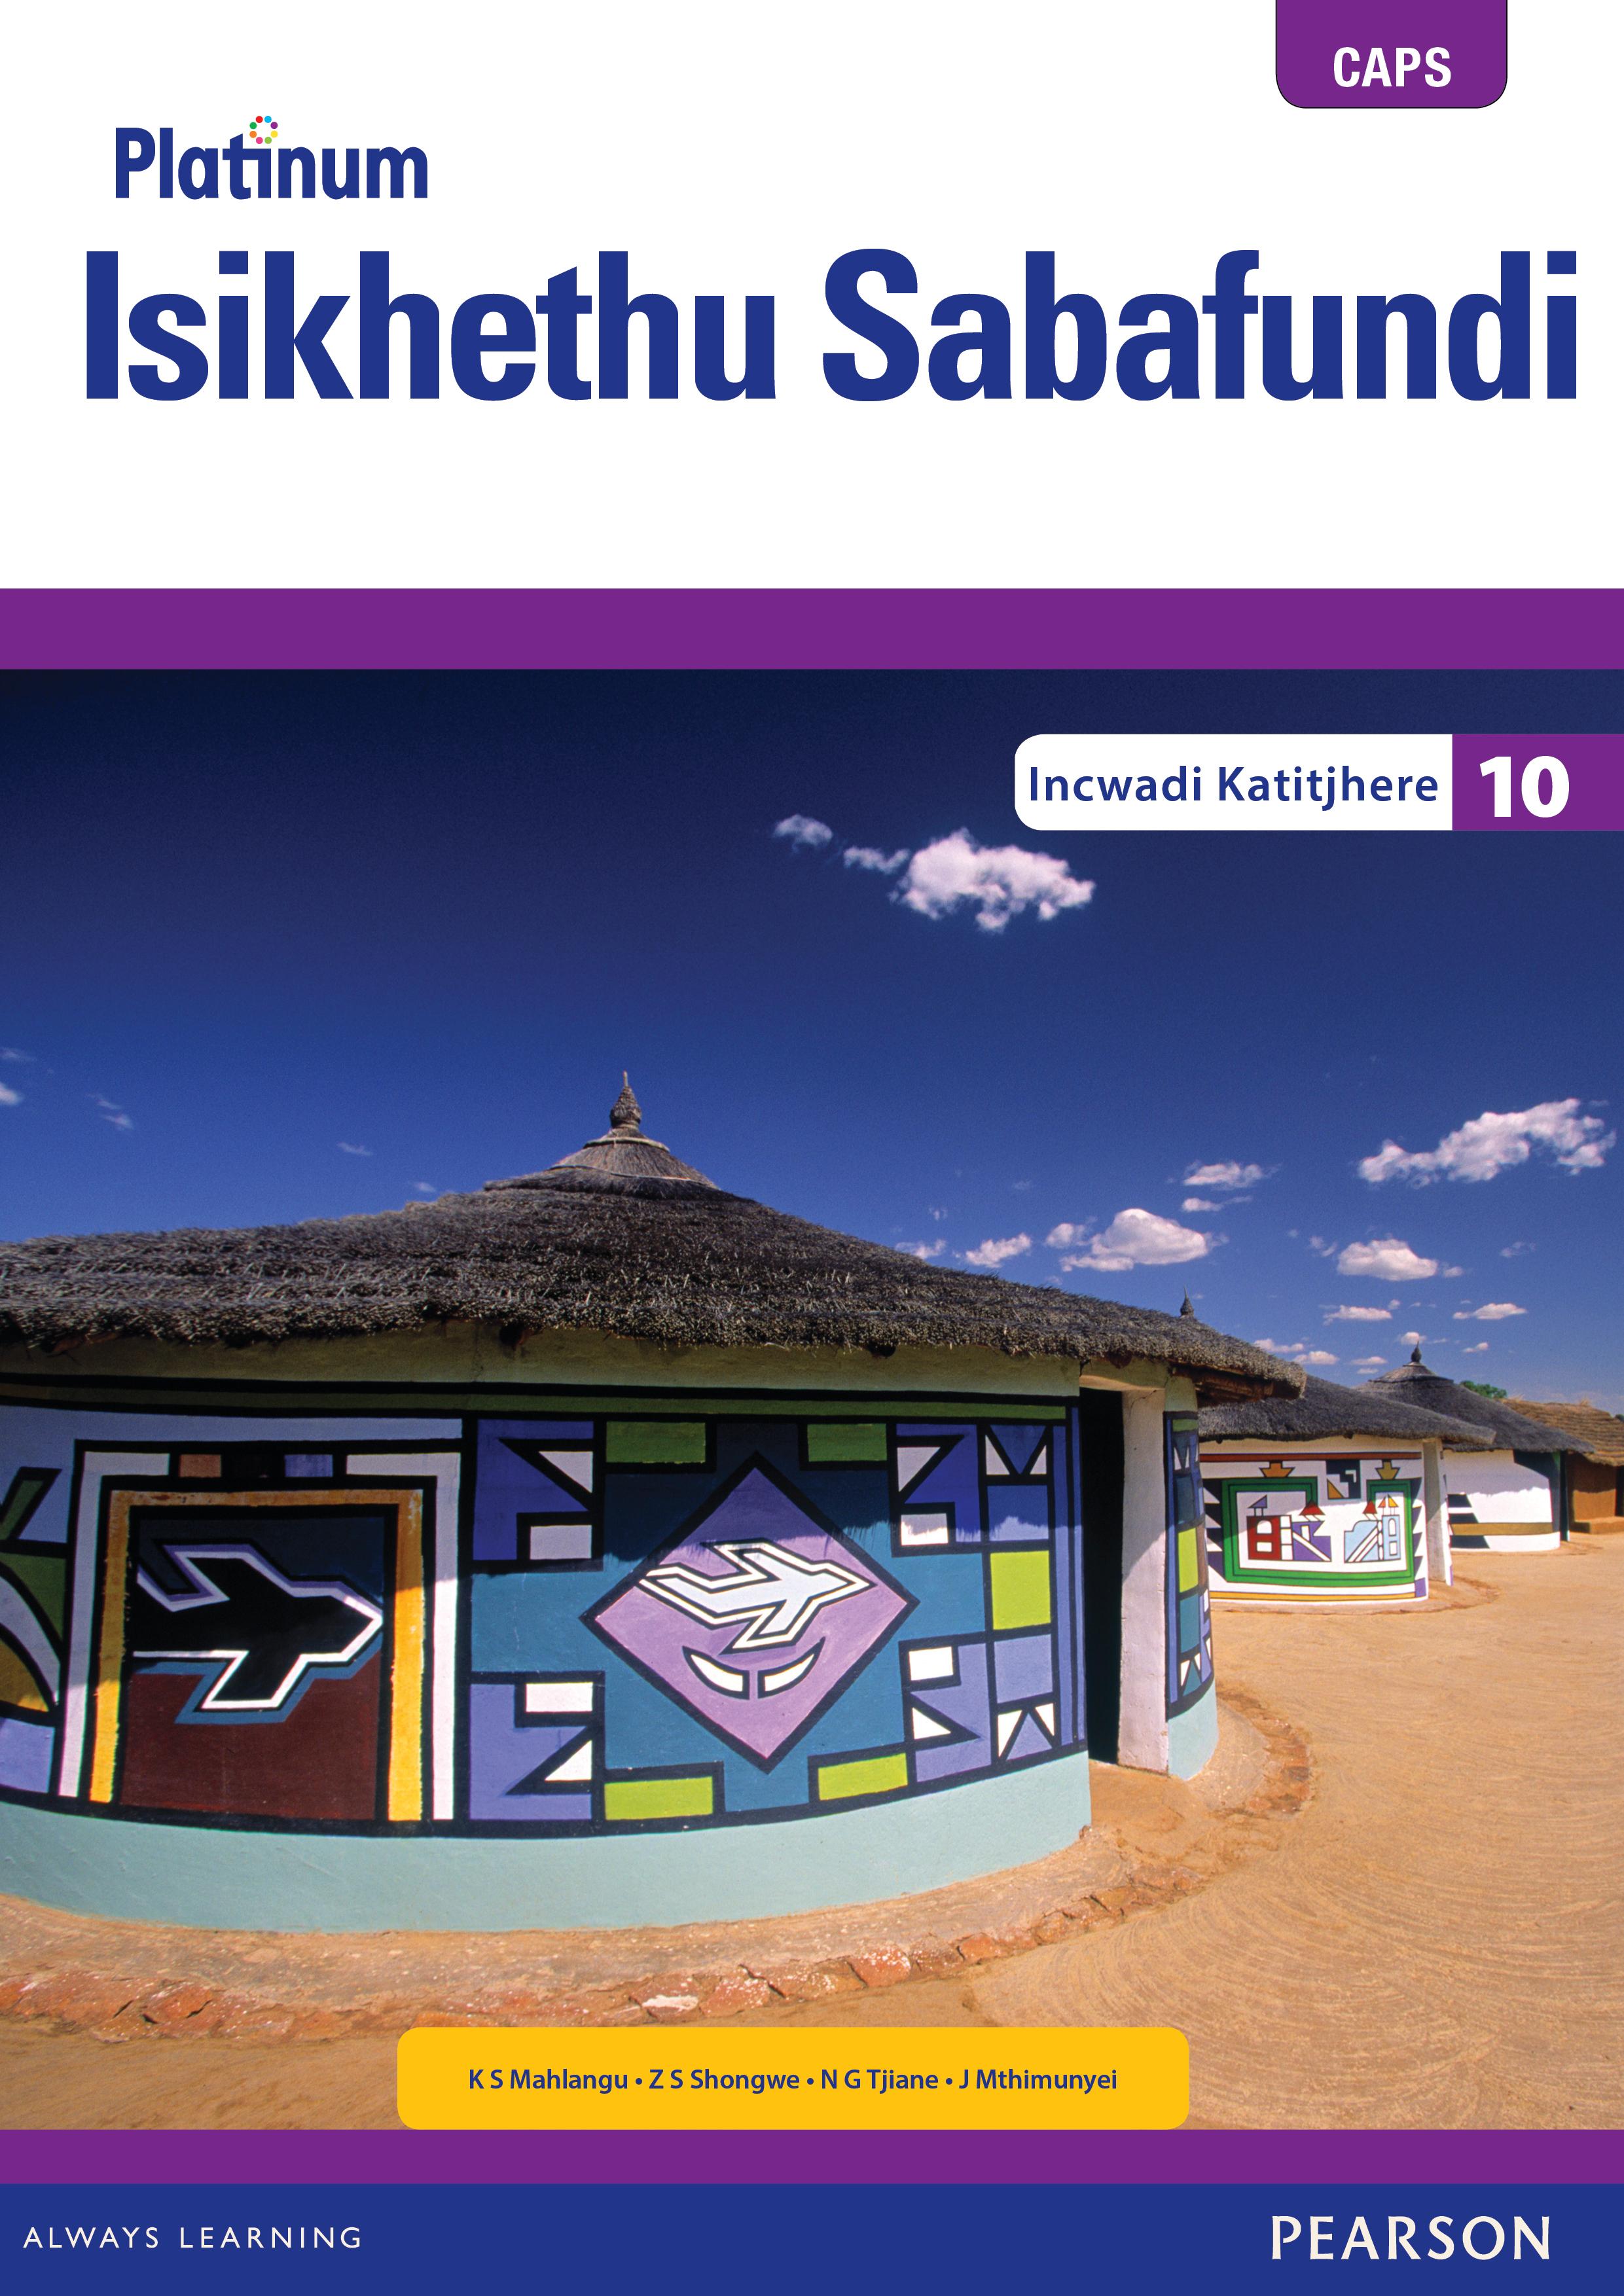 Picture of Platinum isikhethu sabafundi